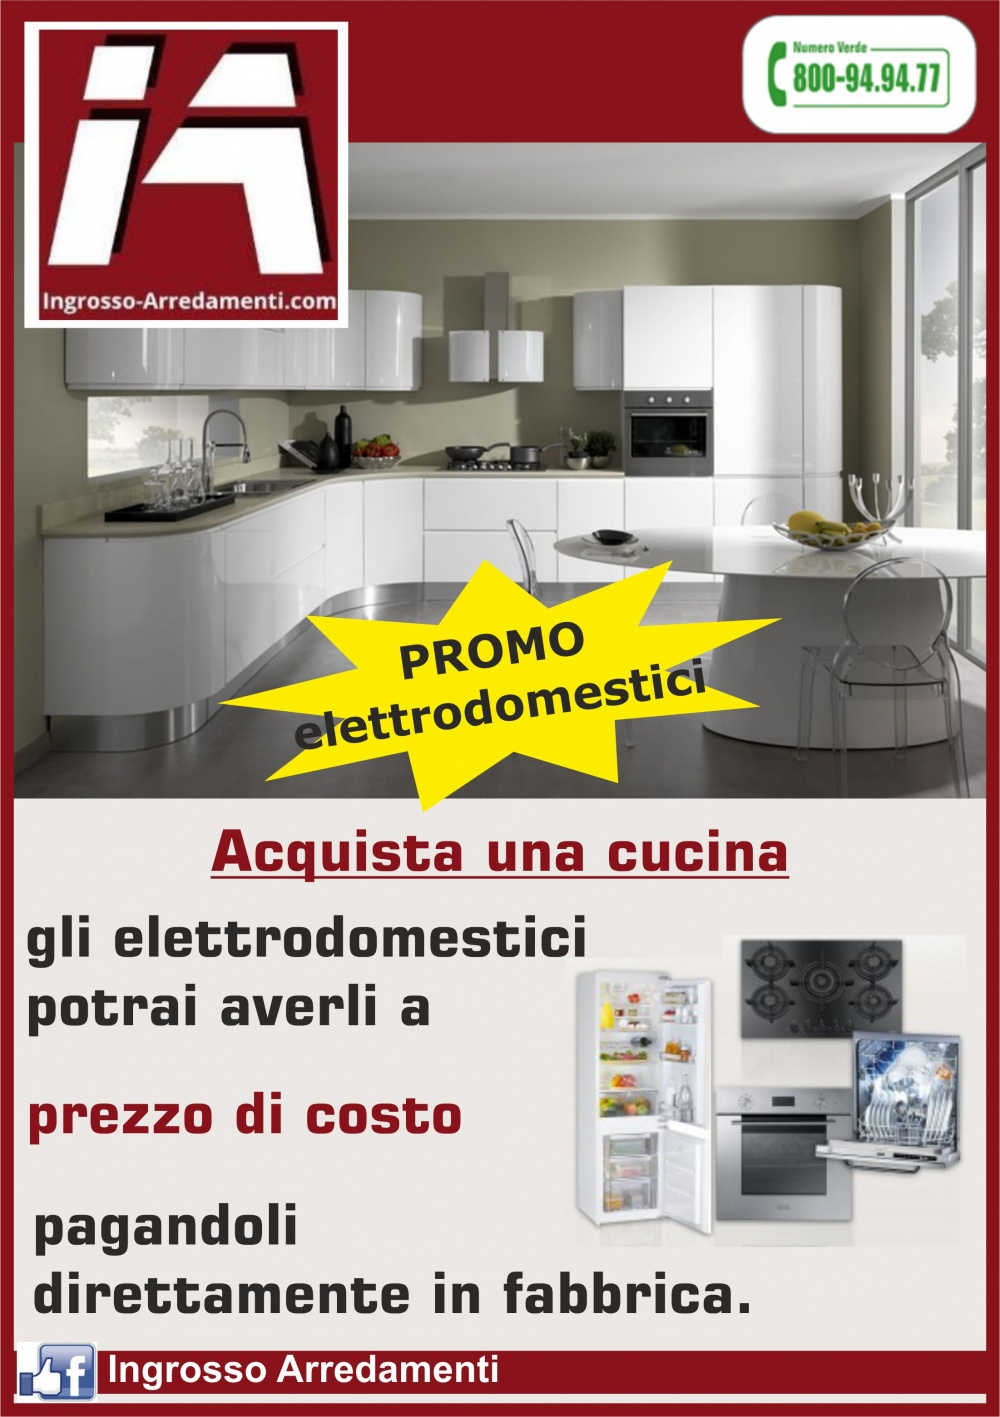 Cucine in offerta Roma Elettrodomestici a prezzo di costo